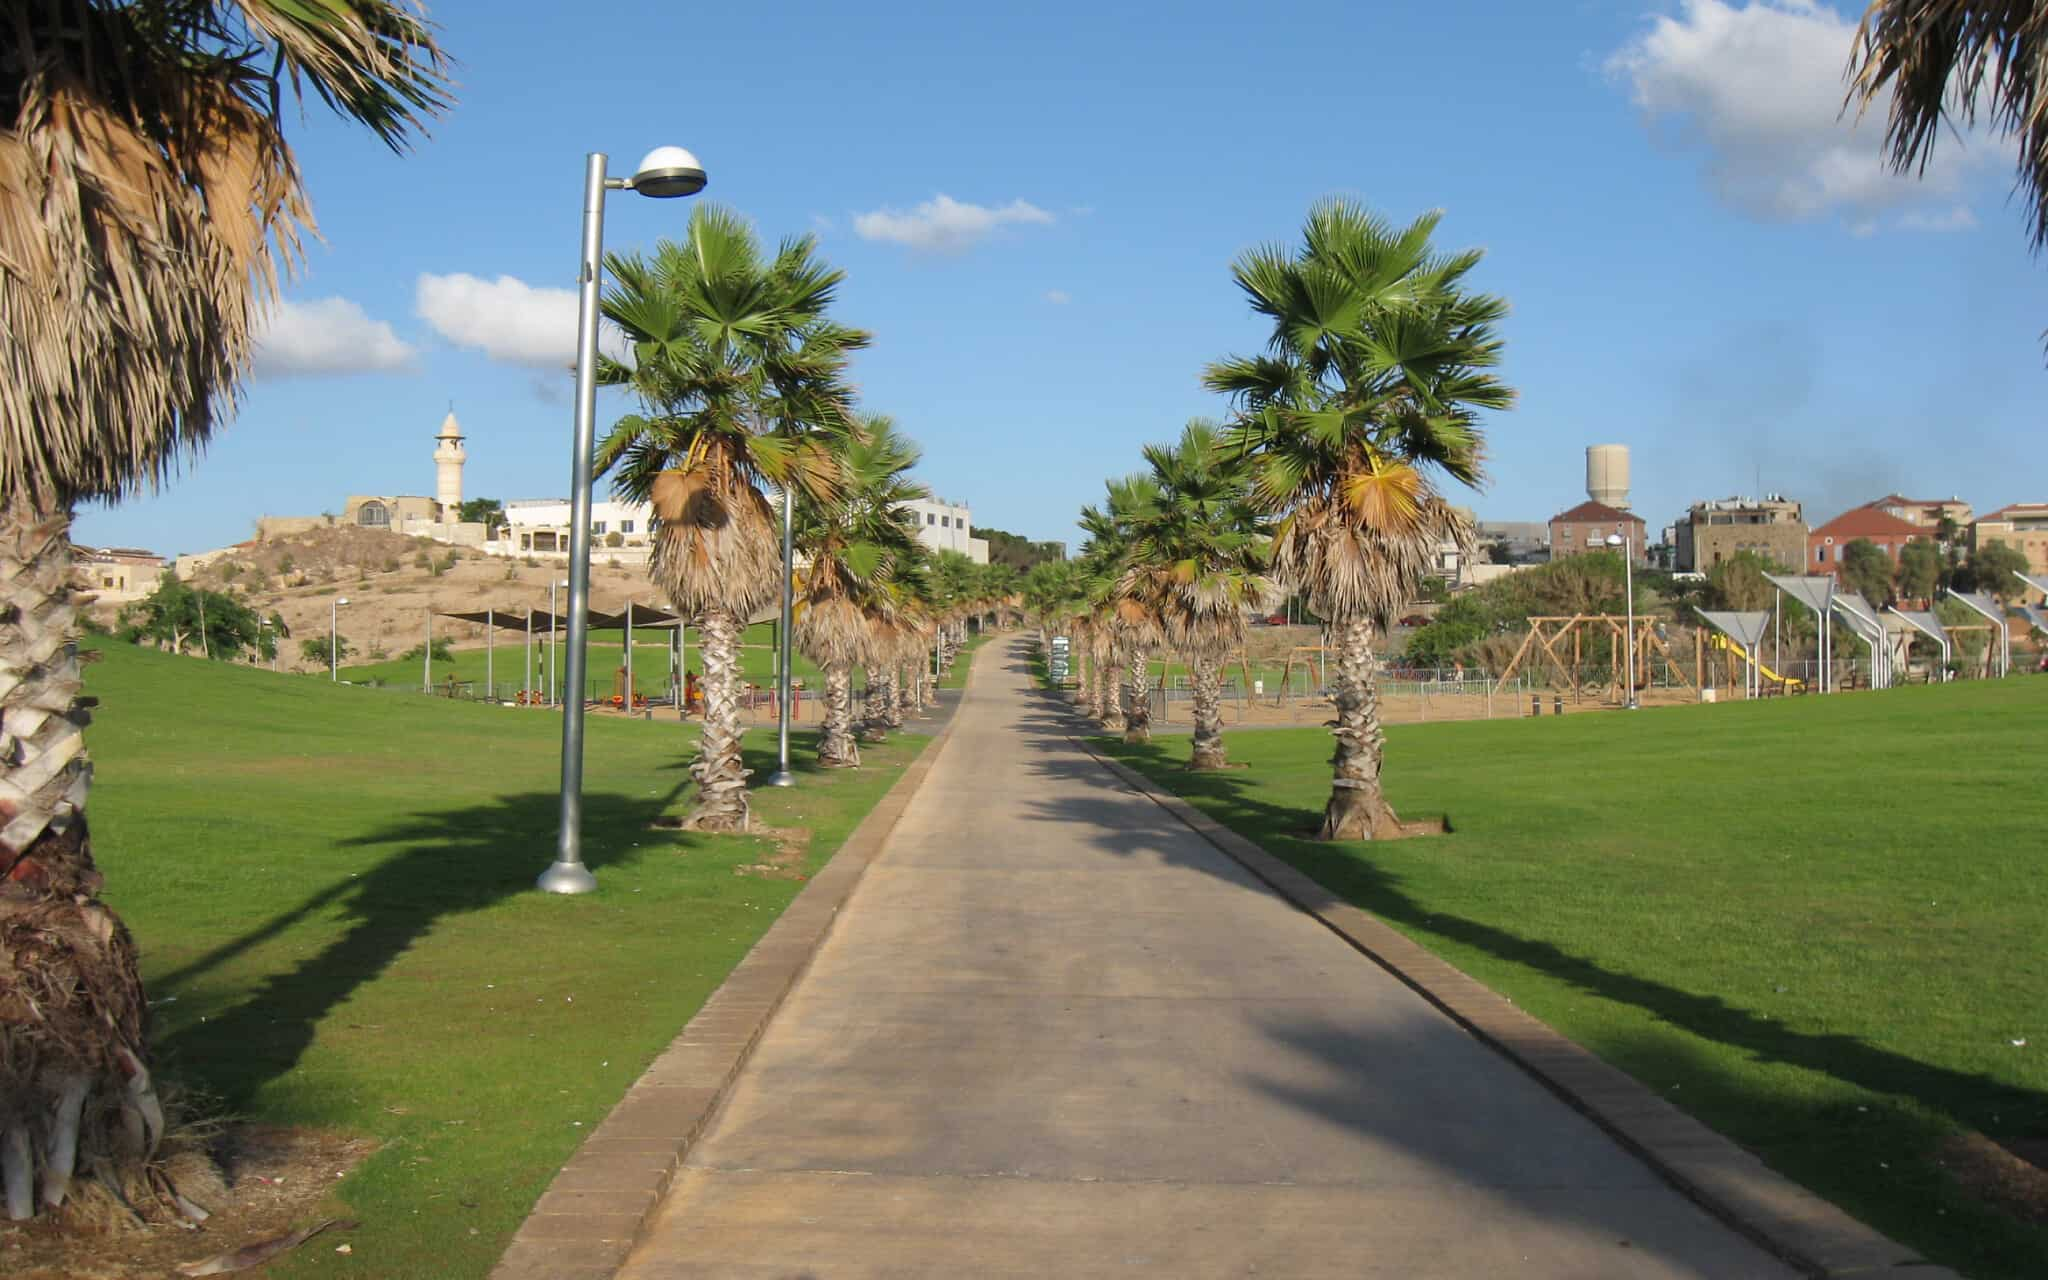 פארק מדרון יפו (צילום: Ori~/Wikipedia)